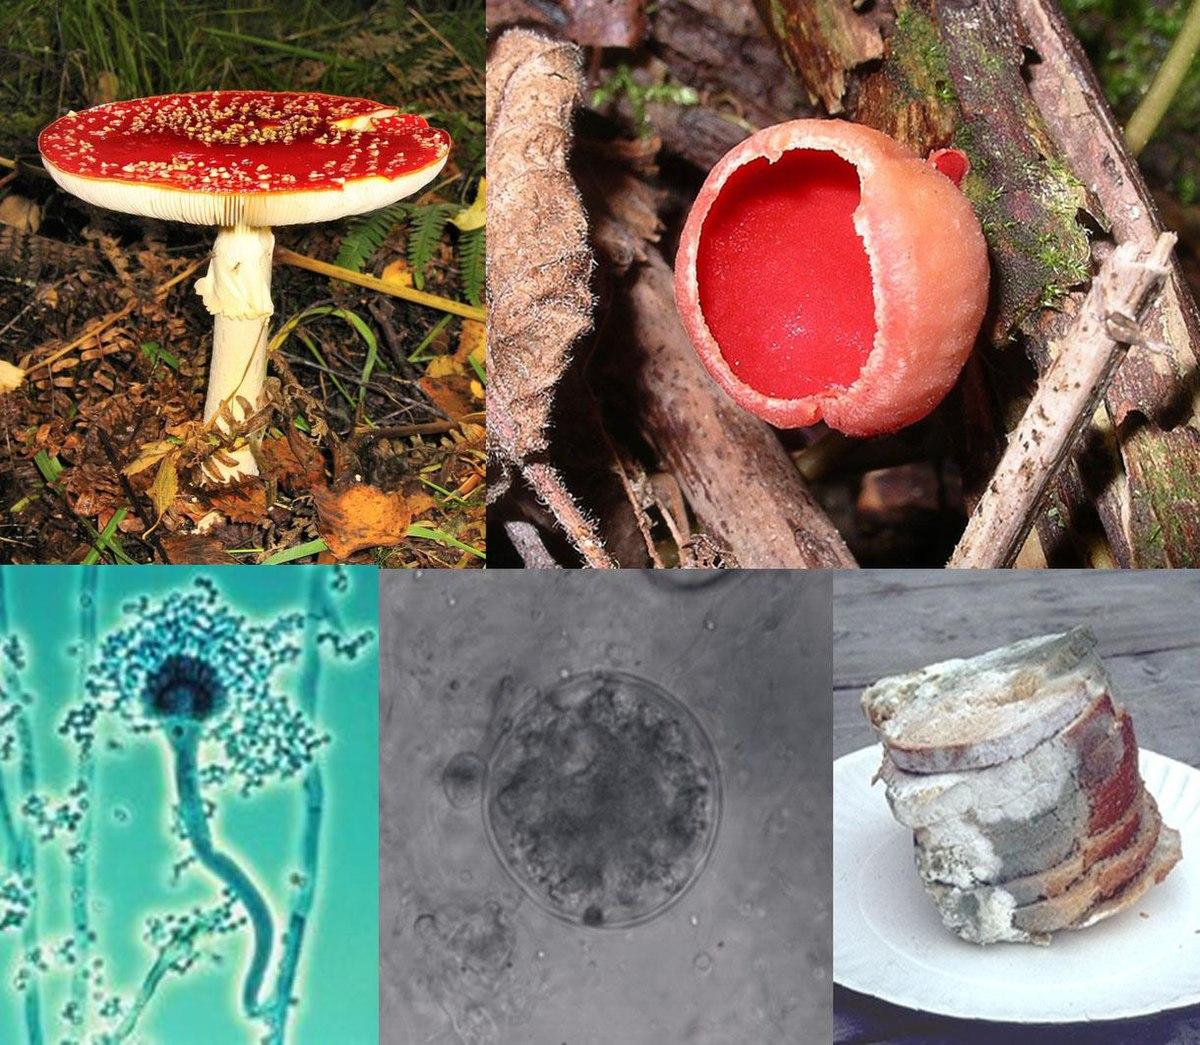 Regnul Plantae - Wikipedia